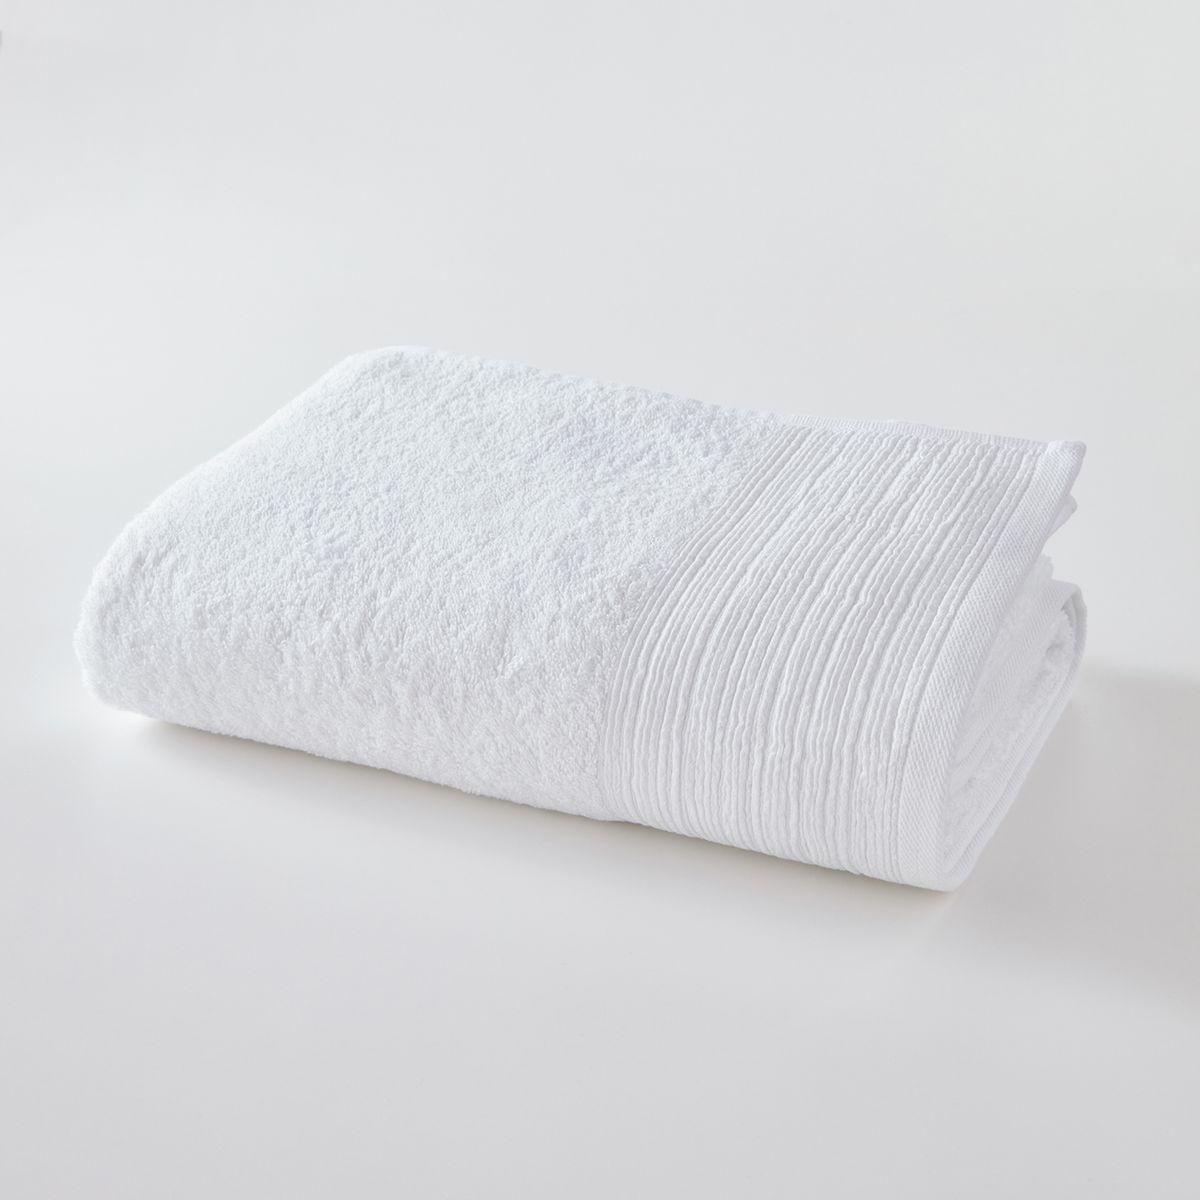 Drap de bain uni coton bio 500g/m² SCENARIO